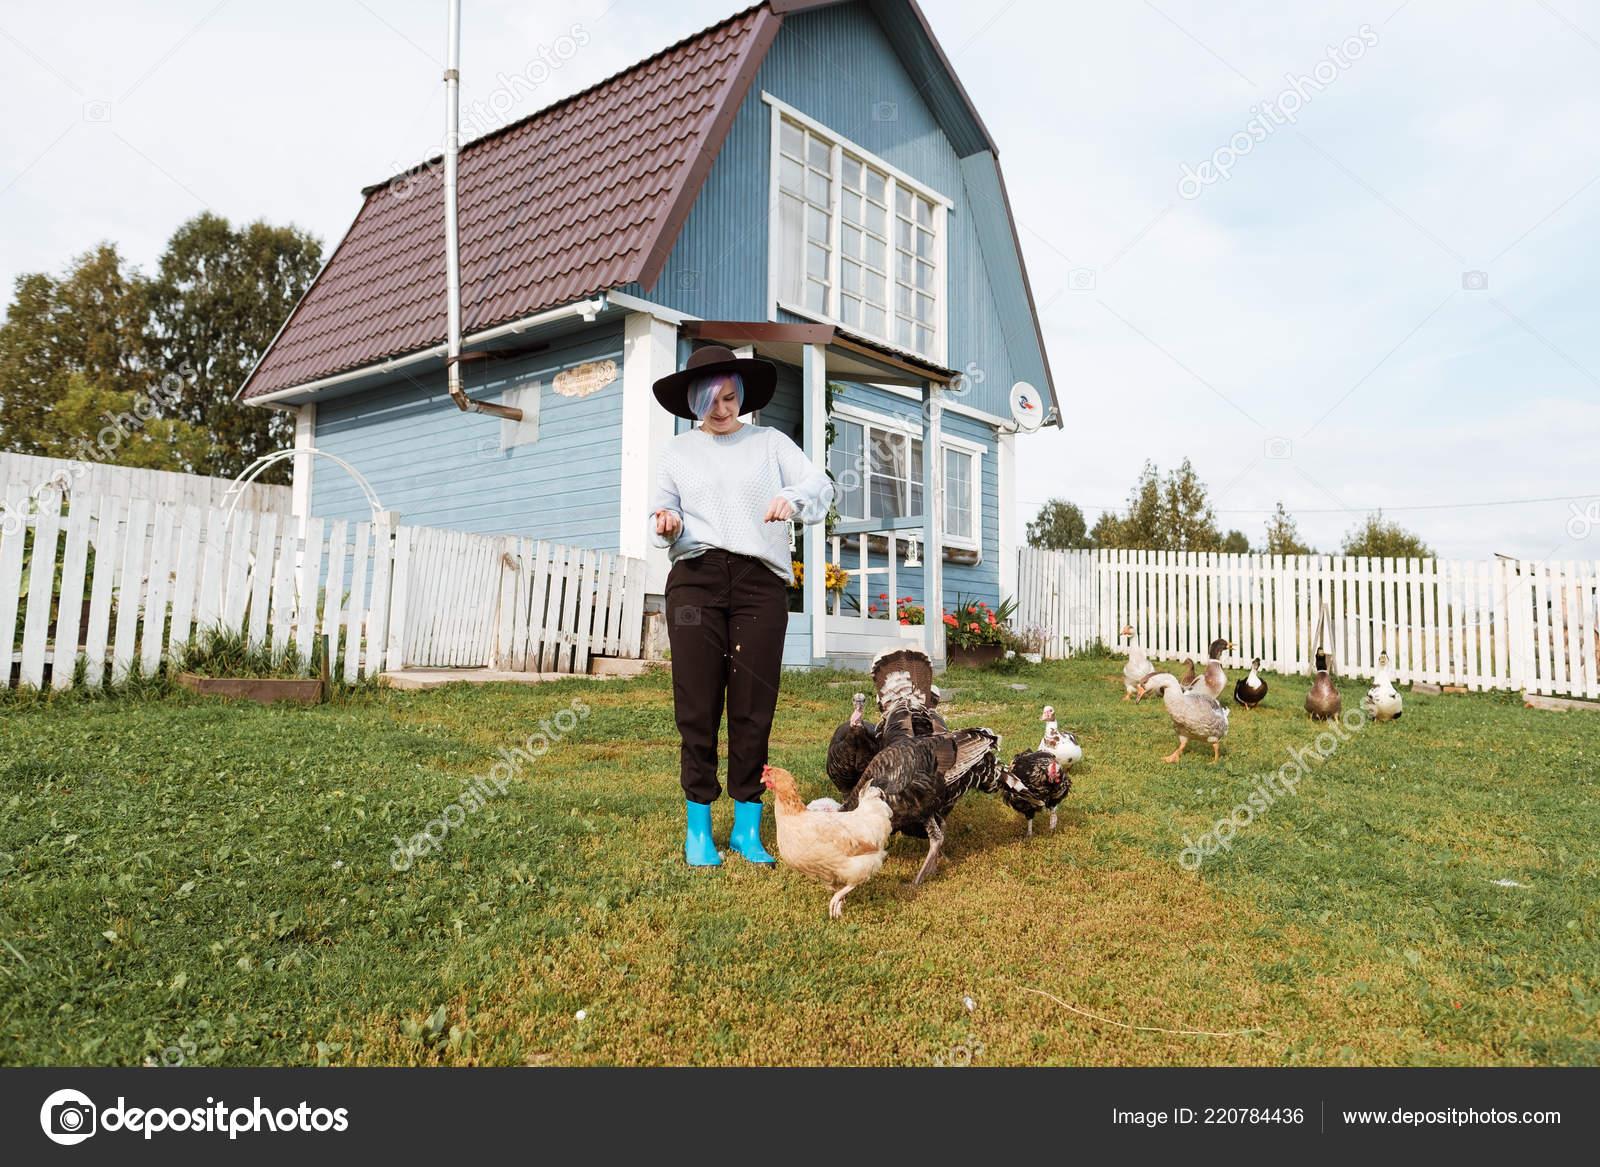 """V holandštině představuje """"kooi kooi"""" zvuk, který vydávají kachny a Gentleman večera: Vladimír Kratina chtěl pařit, manželka řekla ne, a šlo se domů."""